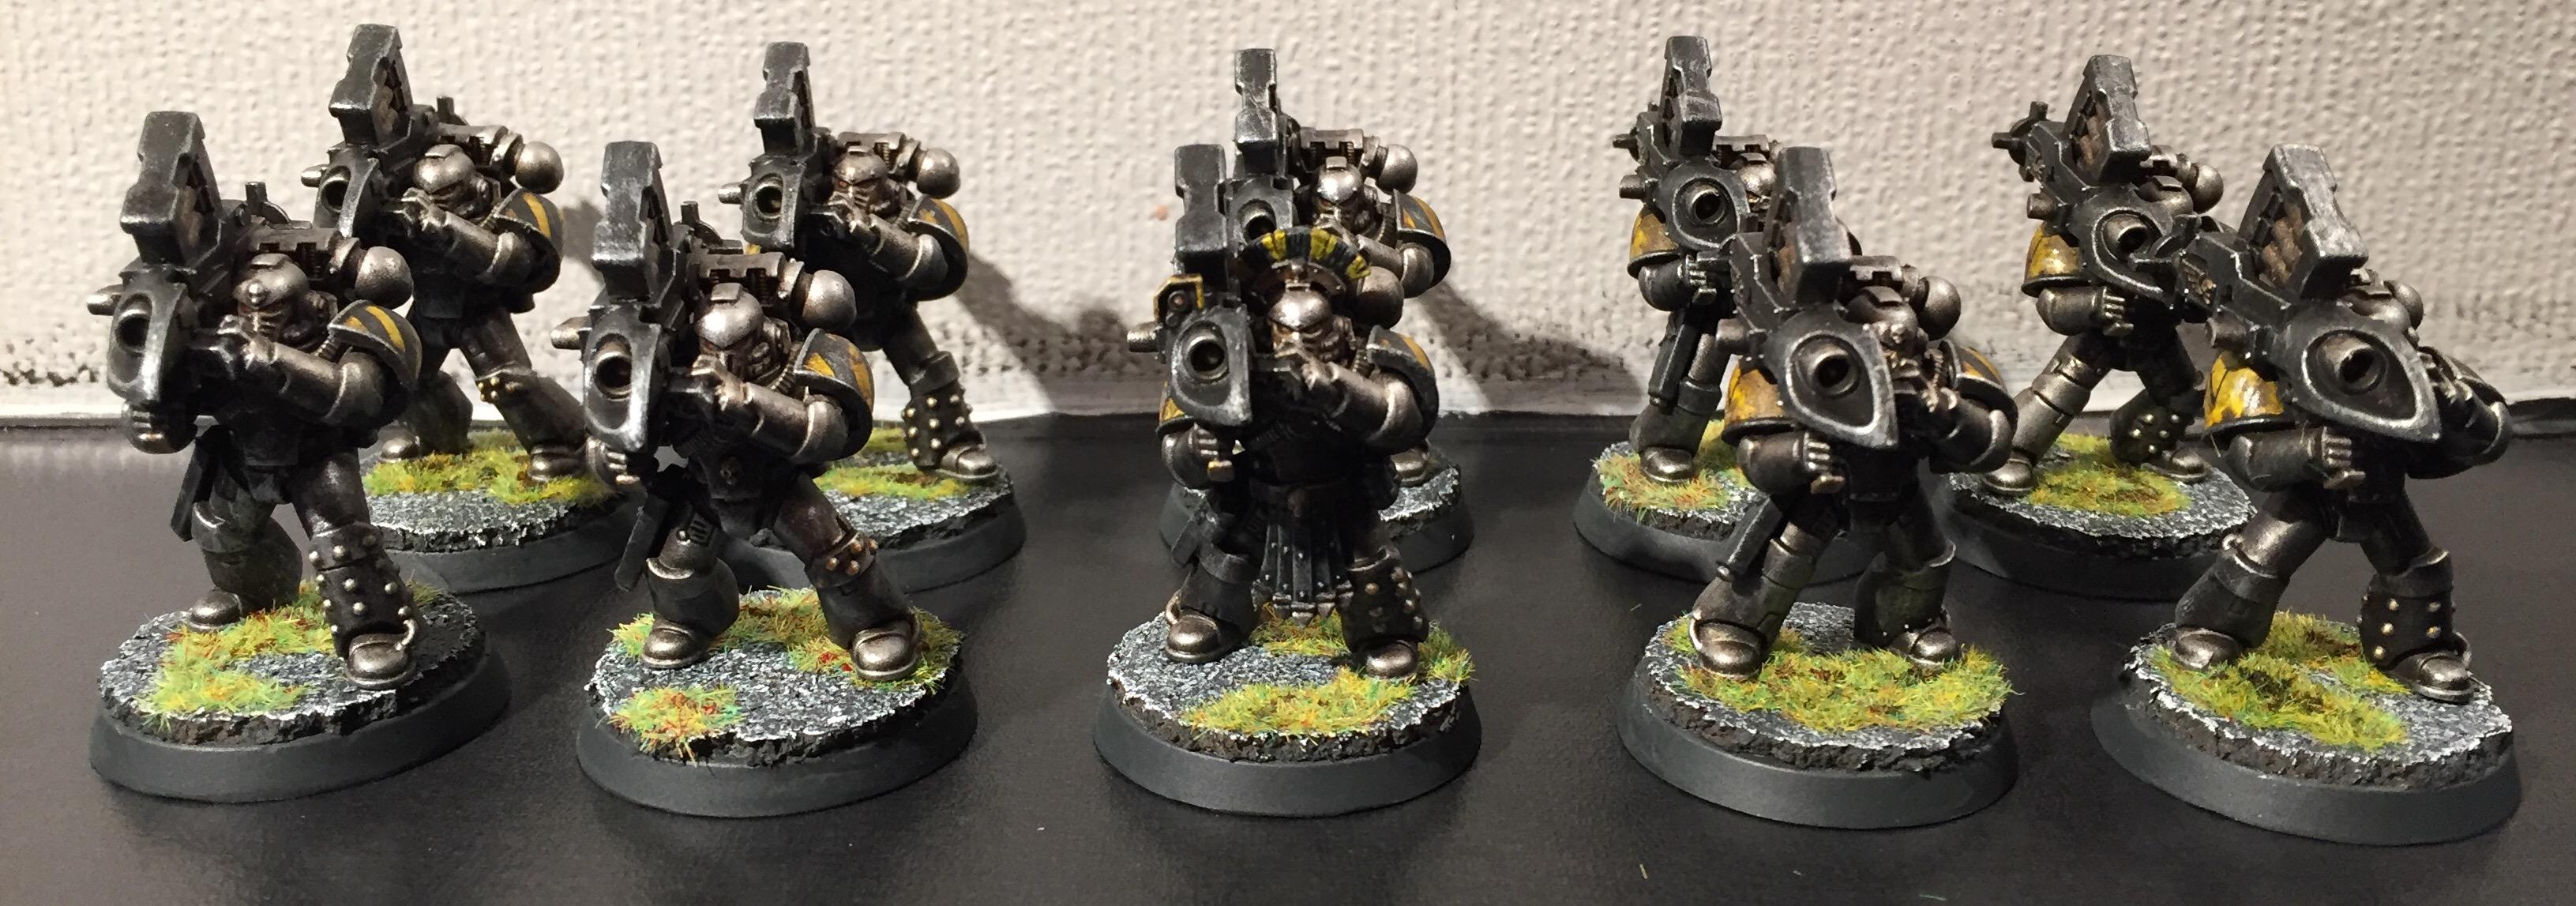 Iron Warriors - Iron Havocs 2